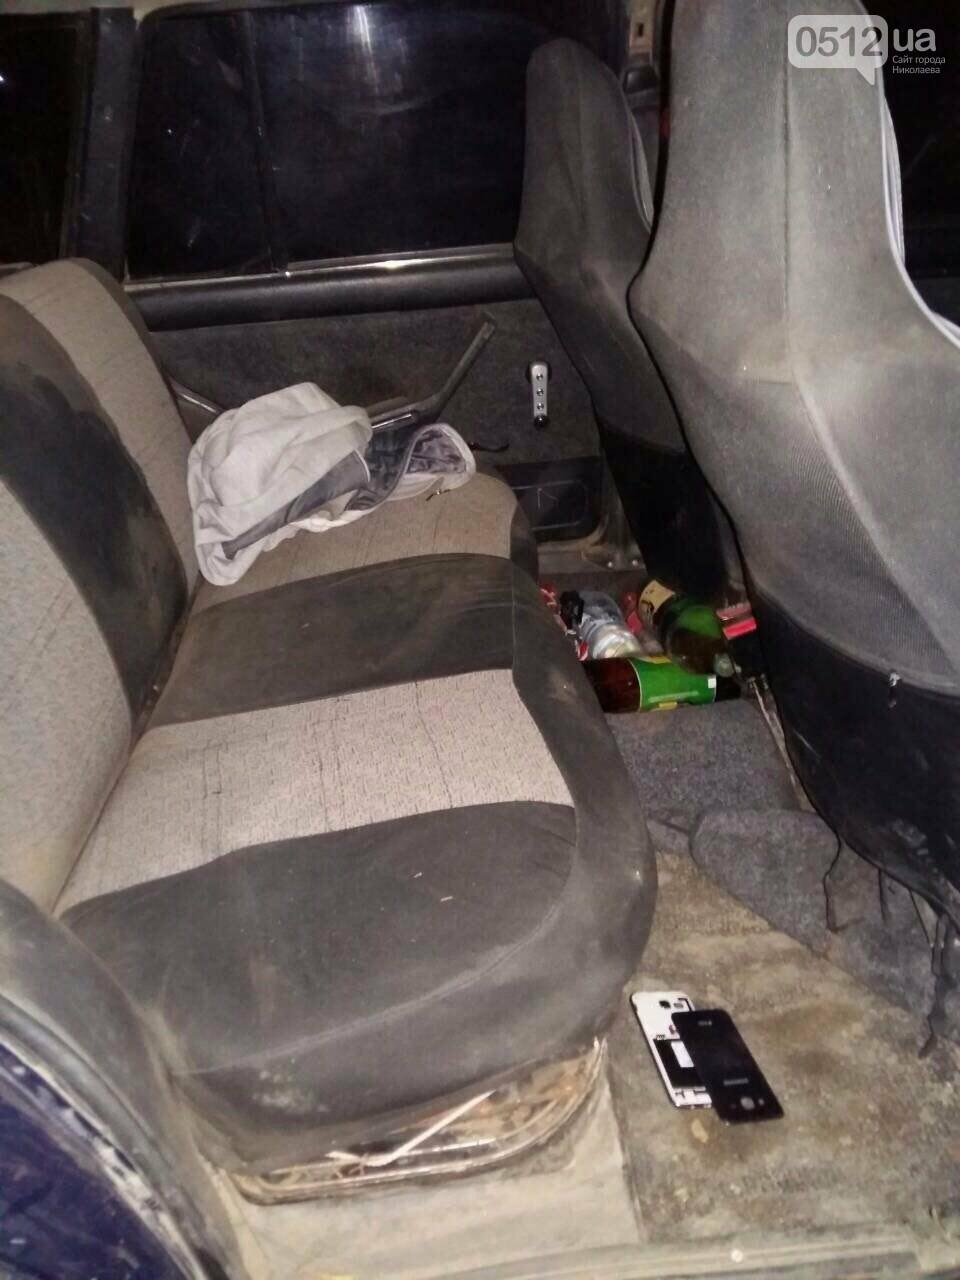 Ночью в Николаеве трое мужчин напали и ограбили снимавшего сюжет журналиста (ФОТО, ВИДЕО), фото-6